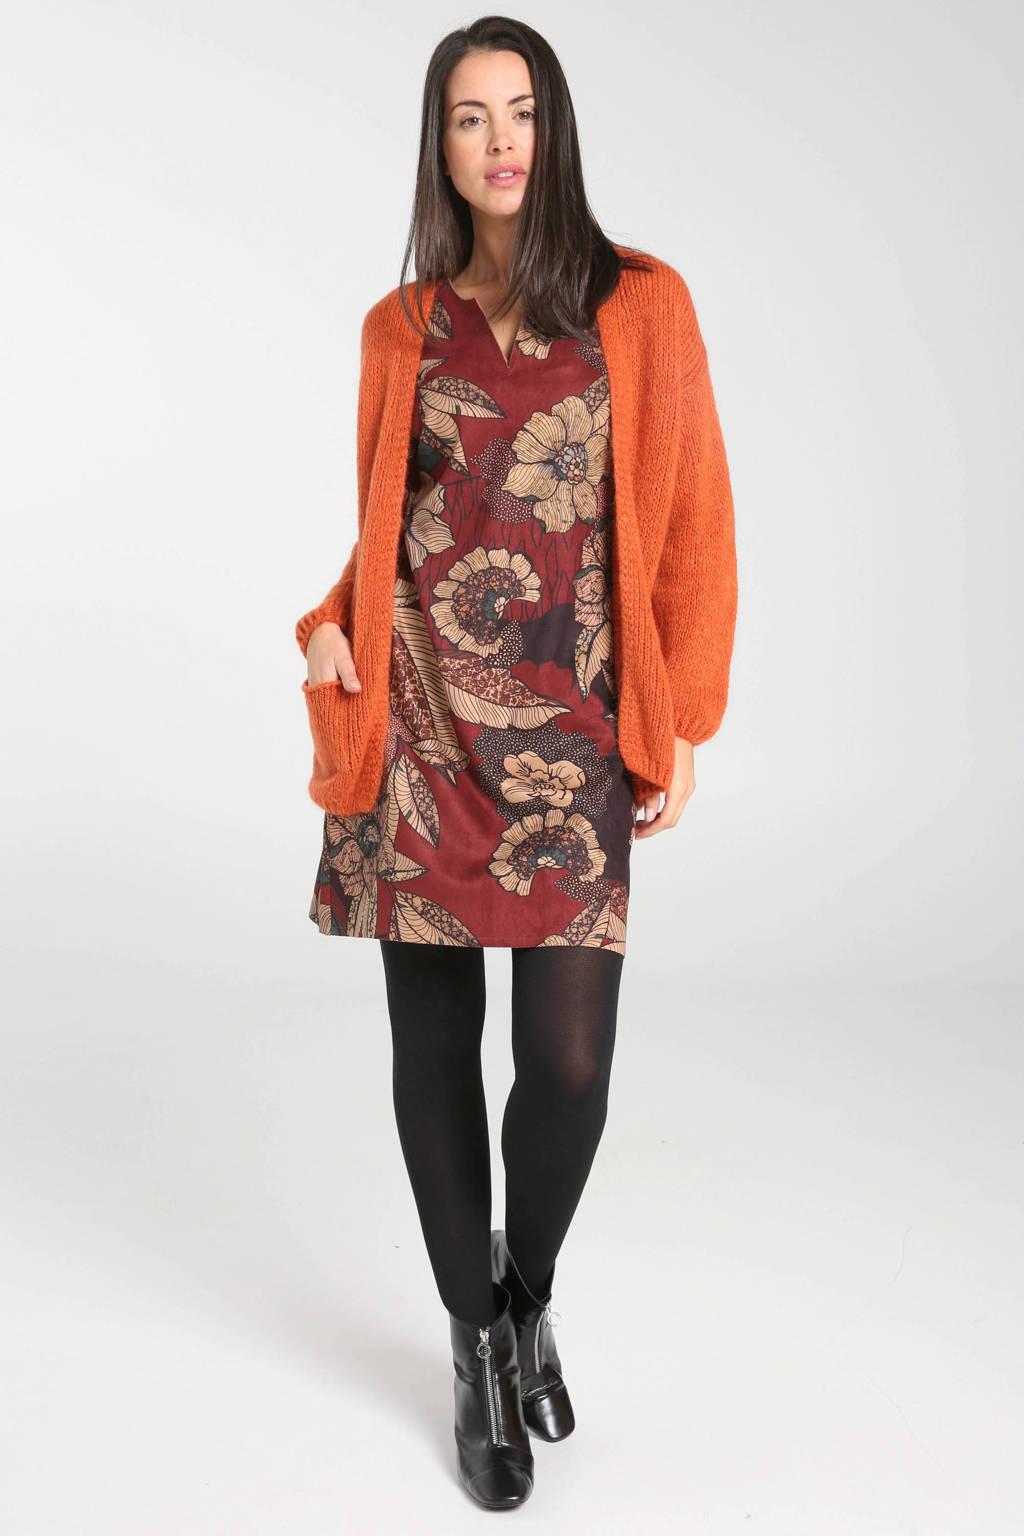 Cassis gebloemde jersey jurk rood/beige/bruin, Rood/beige/bruin